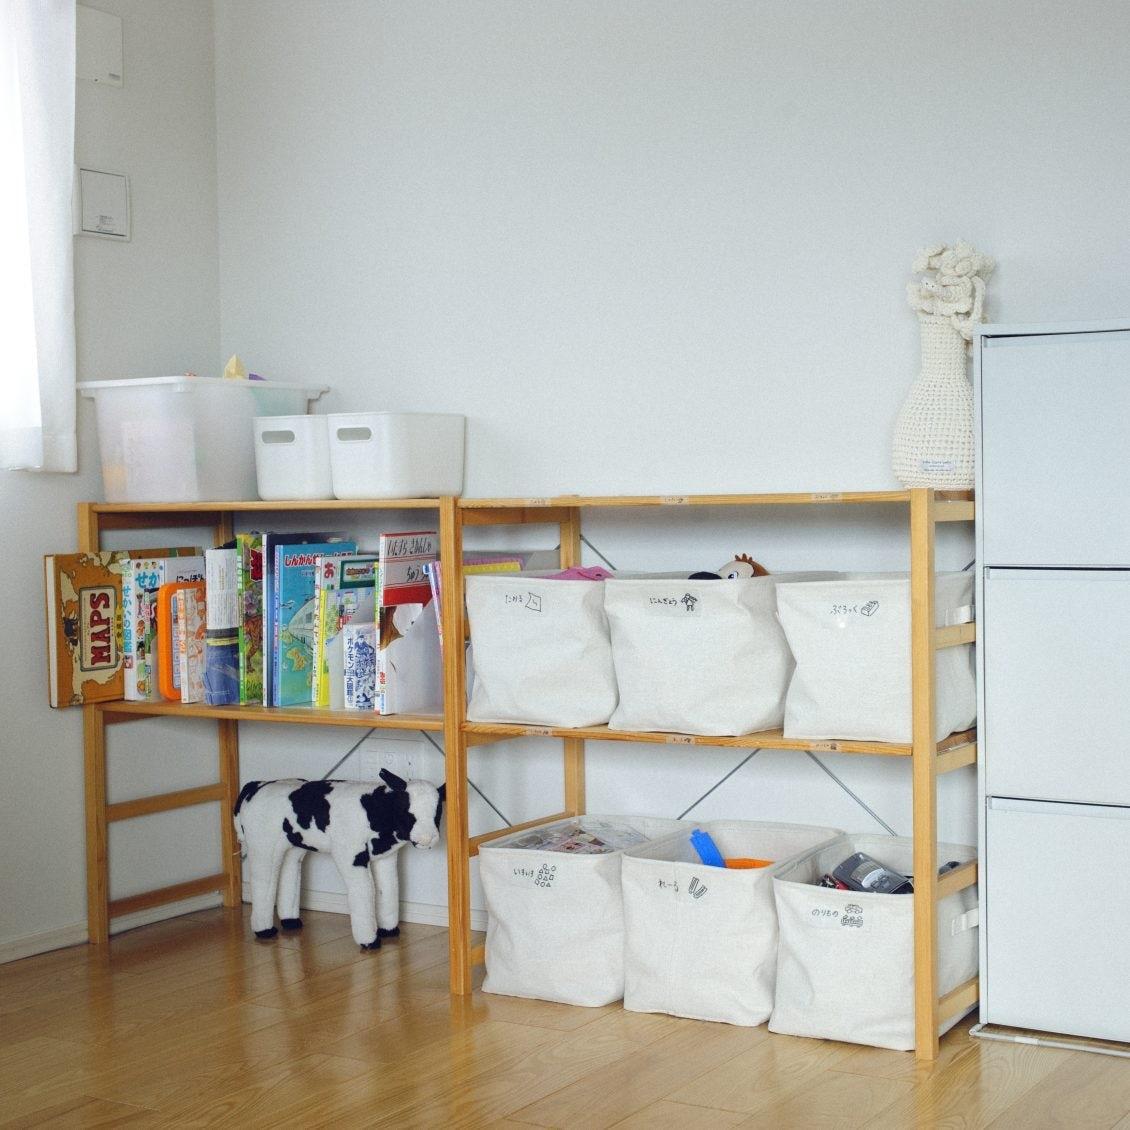 【親子で取りくむ収納】第2話:子どもと一緒に探す「ちょうどいい」おもちゃの収納法